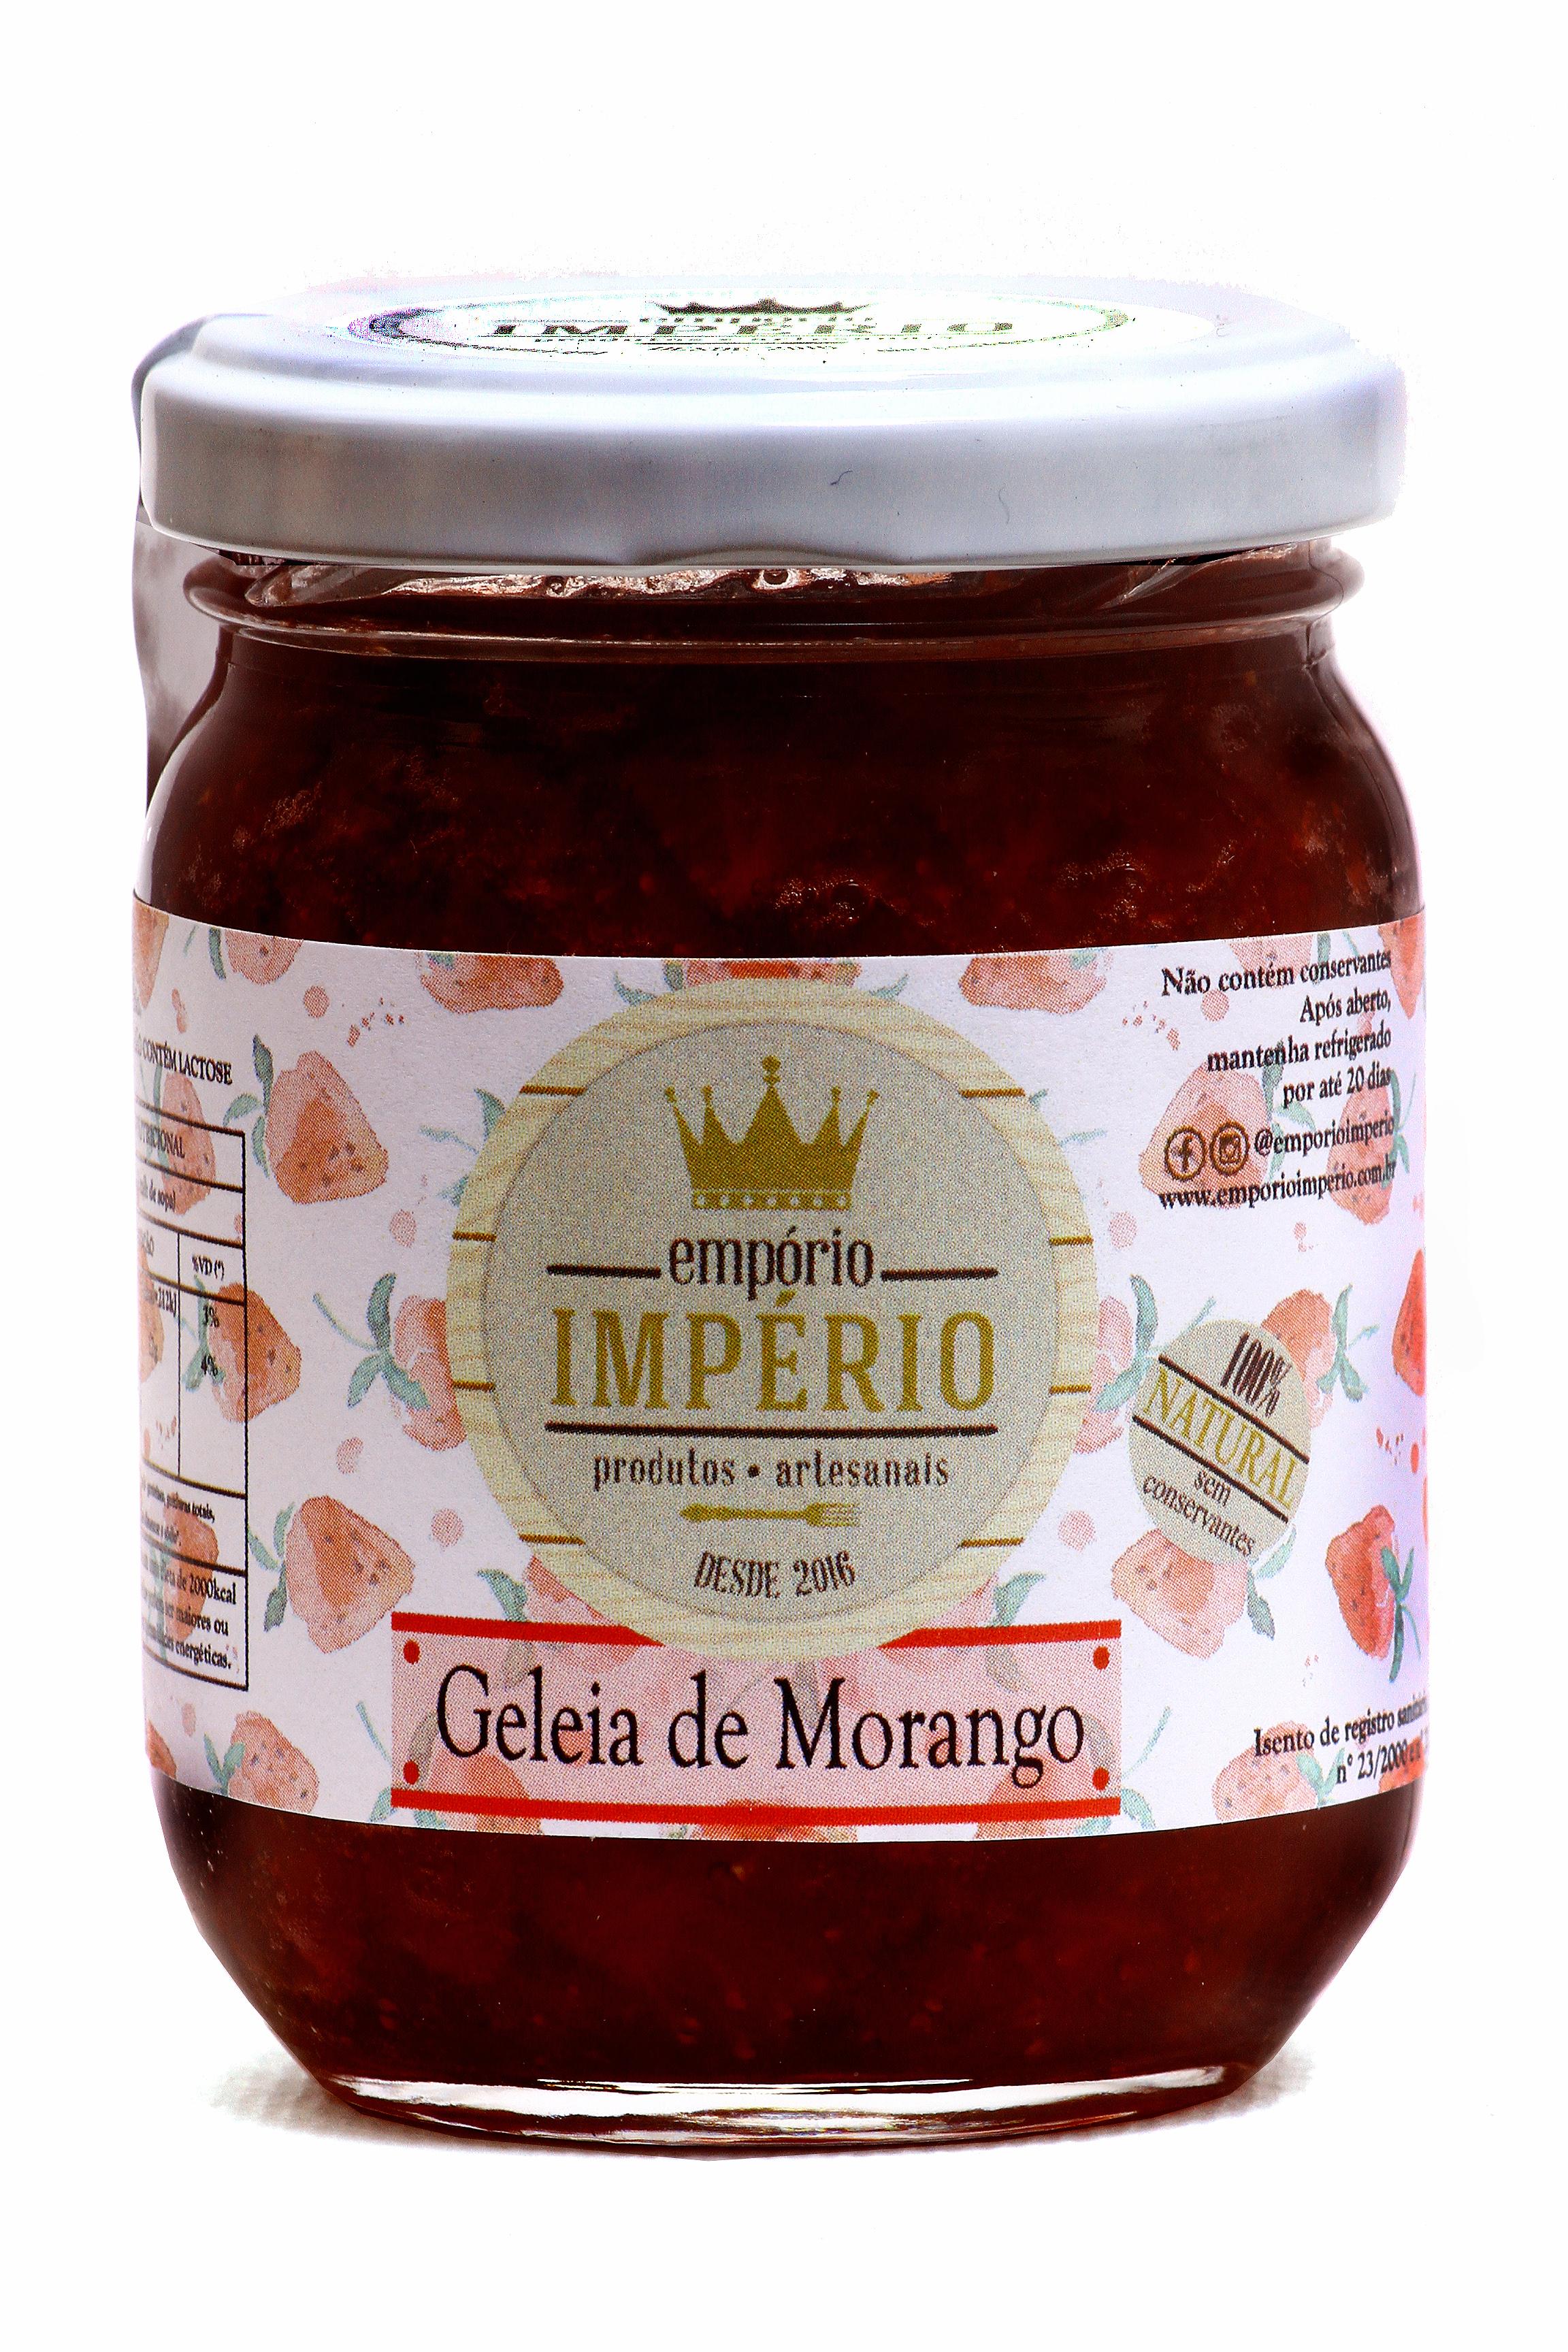 Geleia de Morango